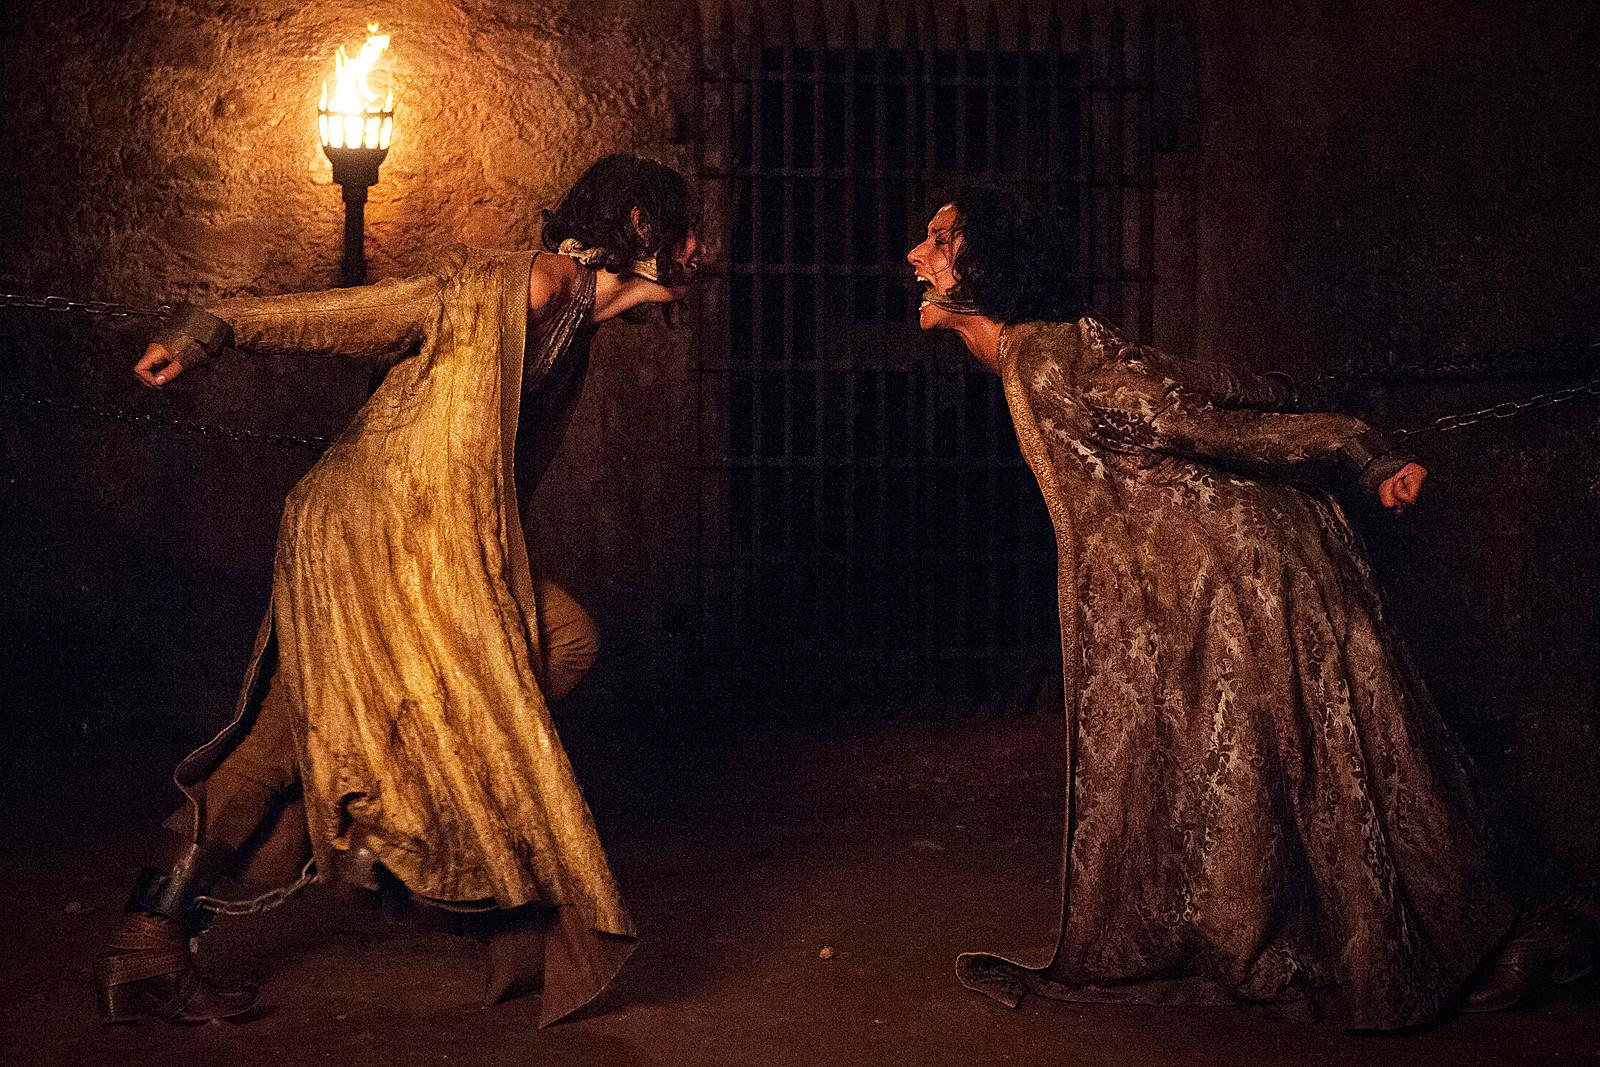 Game of Thrones Season 7 Sand Snakes Ellaria